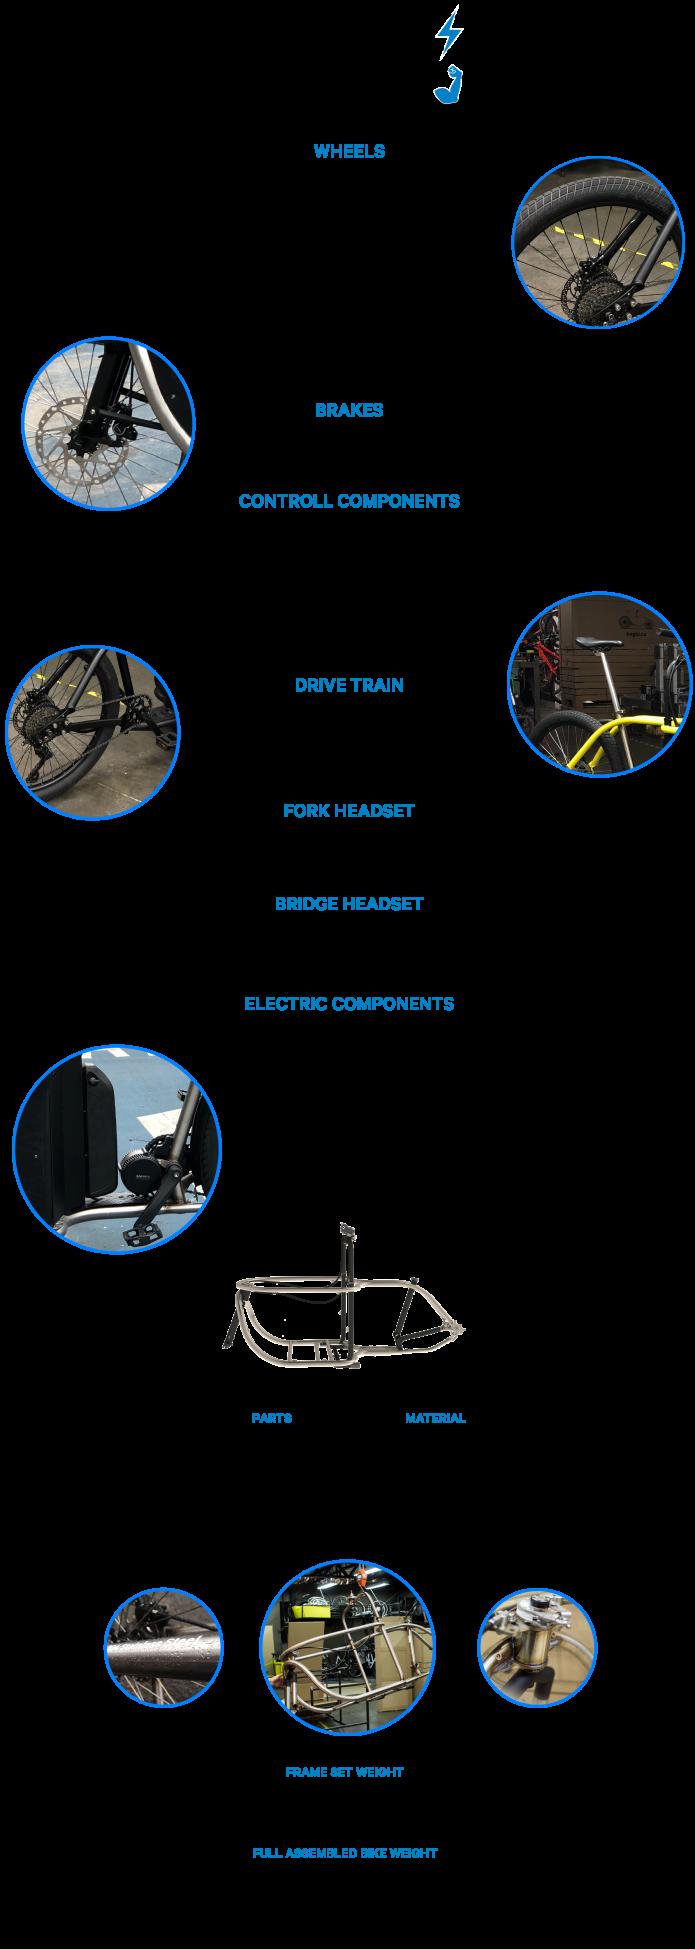 Bogbi家庭载货自行车,提供绿色健康的家庭出行方式-唯轮网